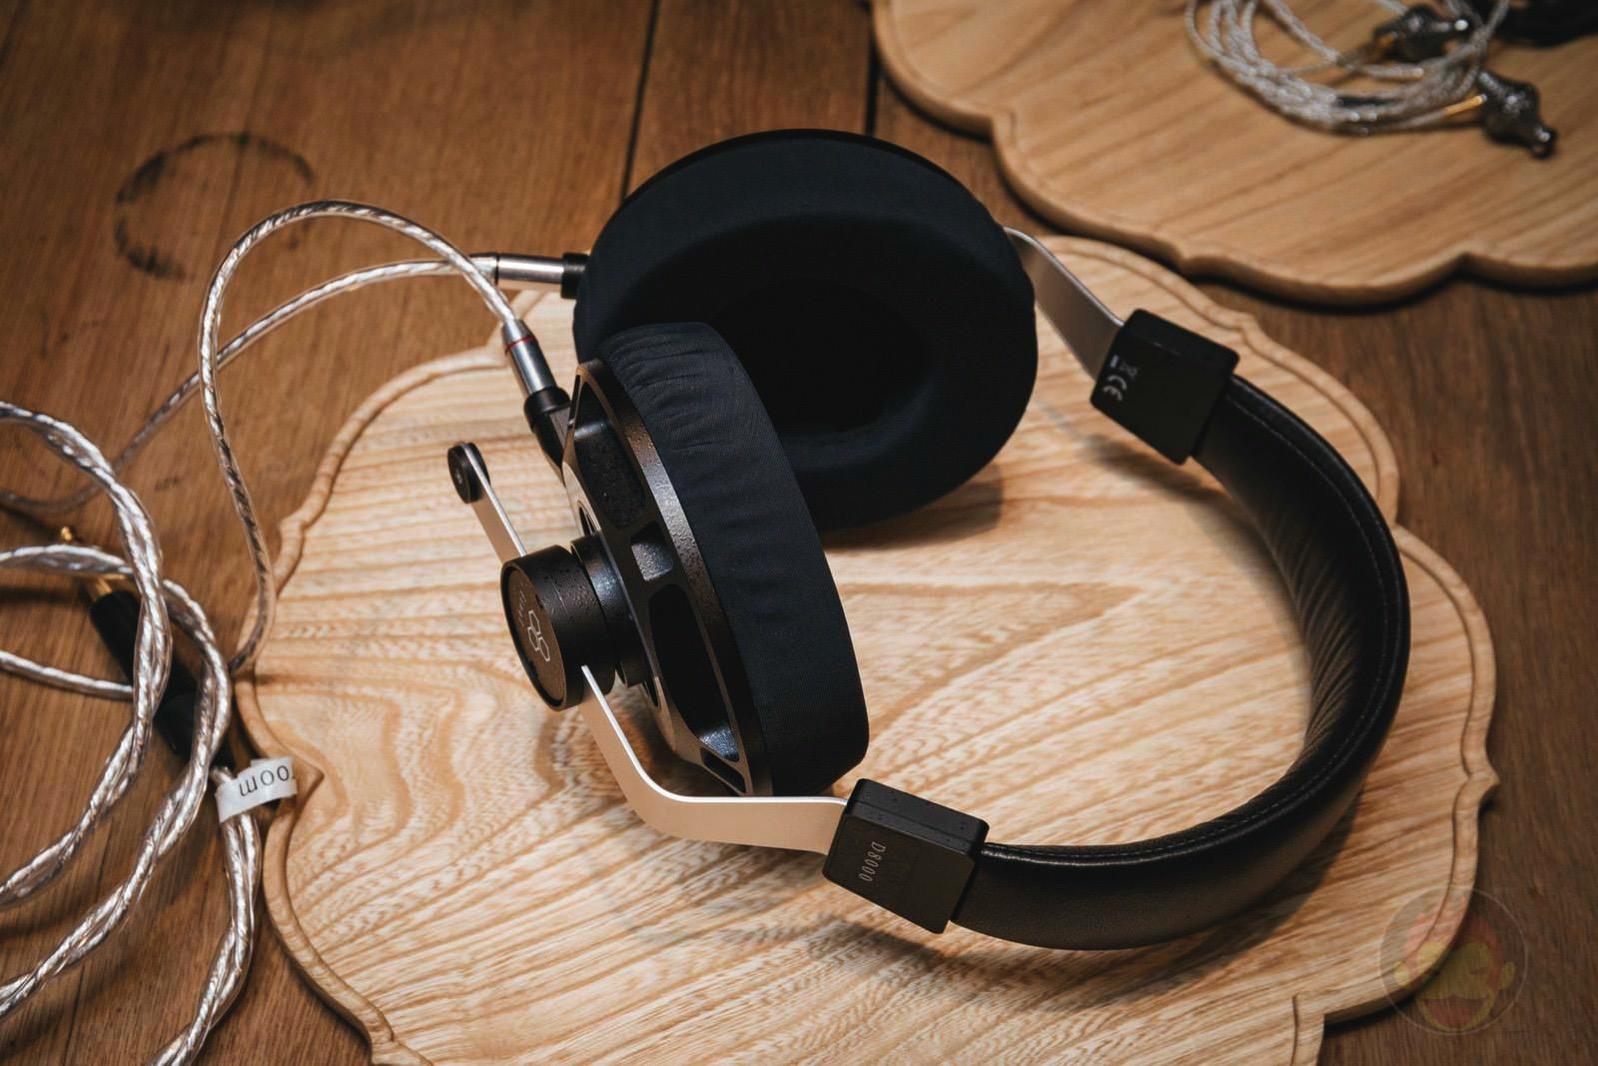 Final-Audio-Design-Headphones-and-Earphones-01.jpg